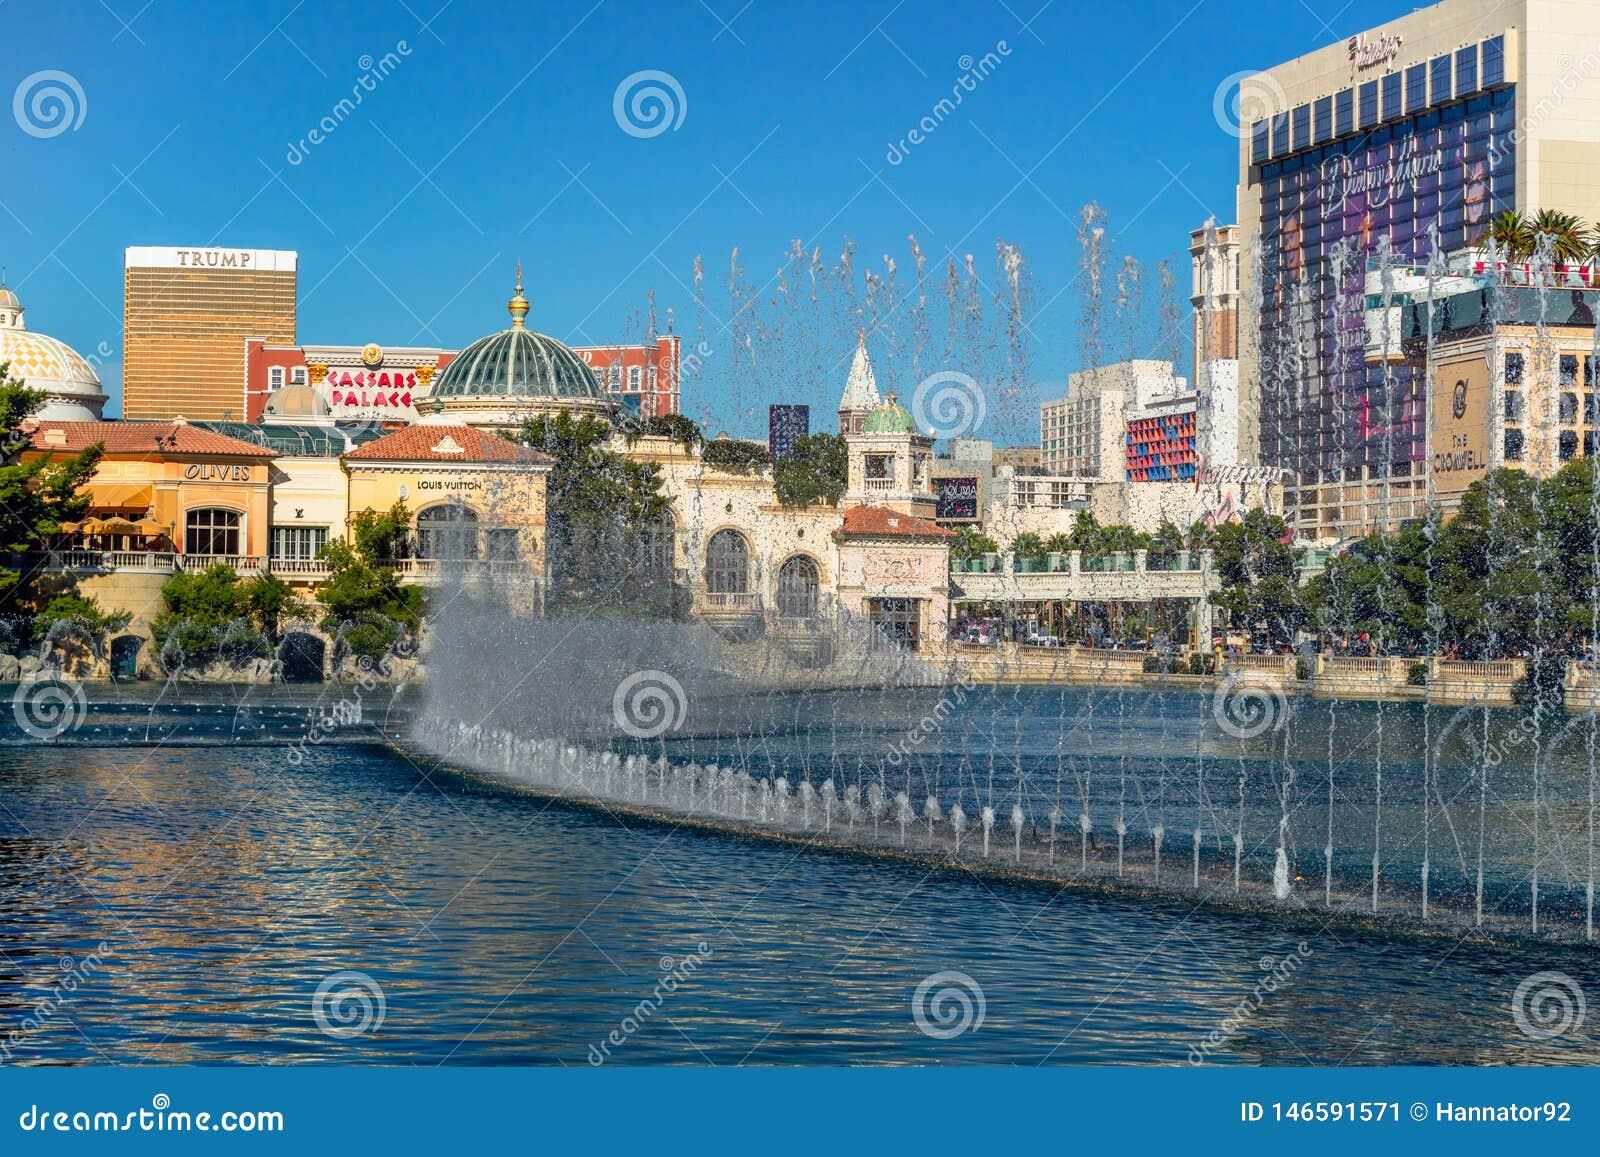 Las Vegas, fuente de Bellagio, hotel internacional del triunfo, y hotel y casino del flamenco